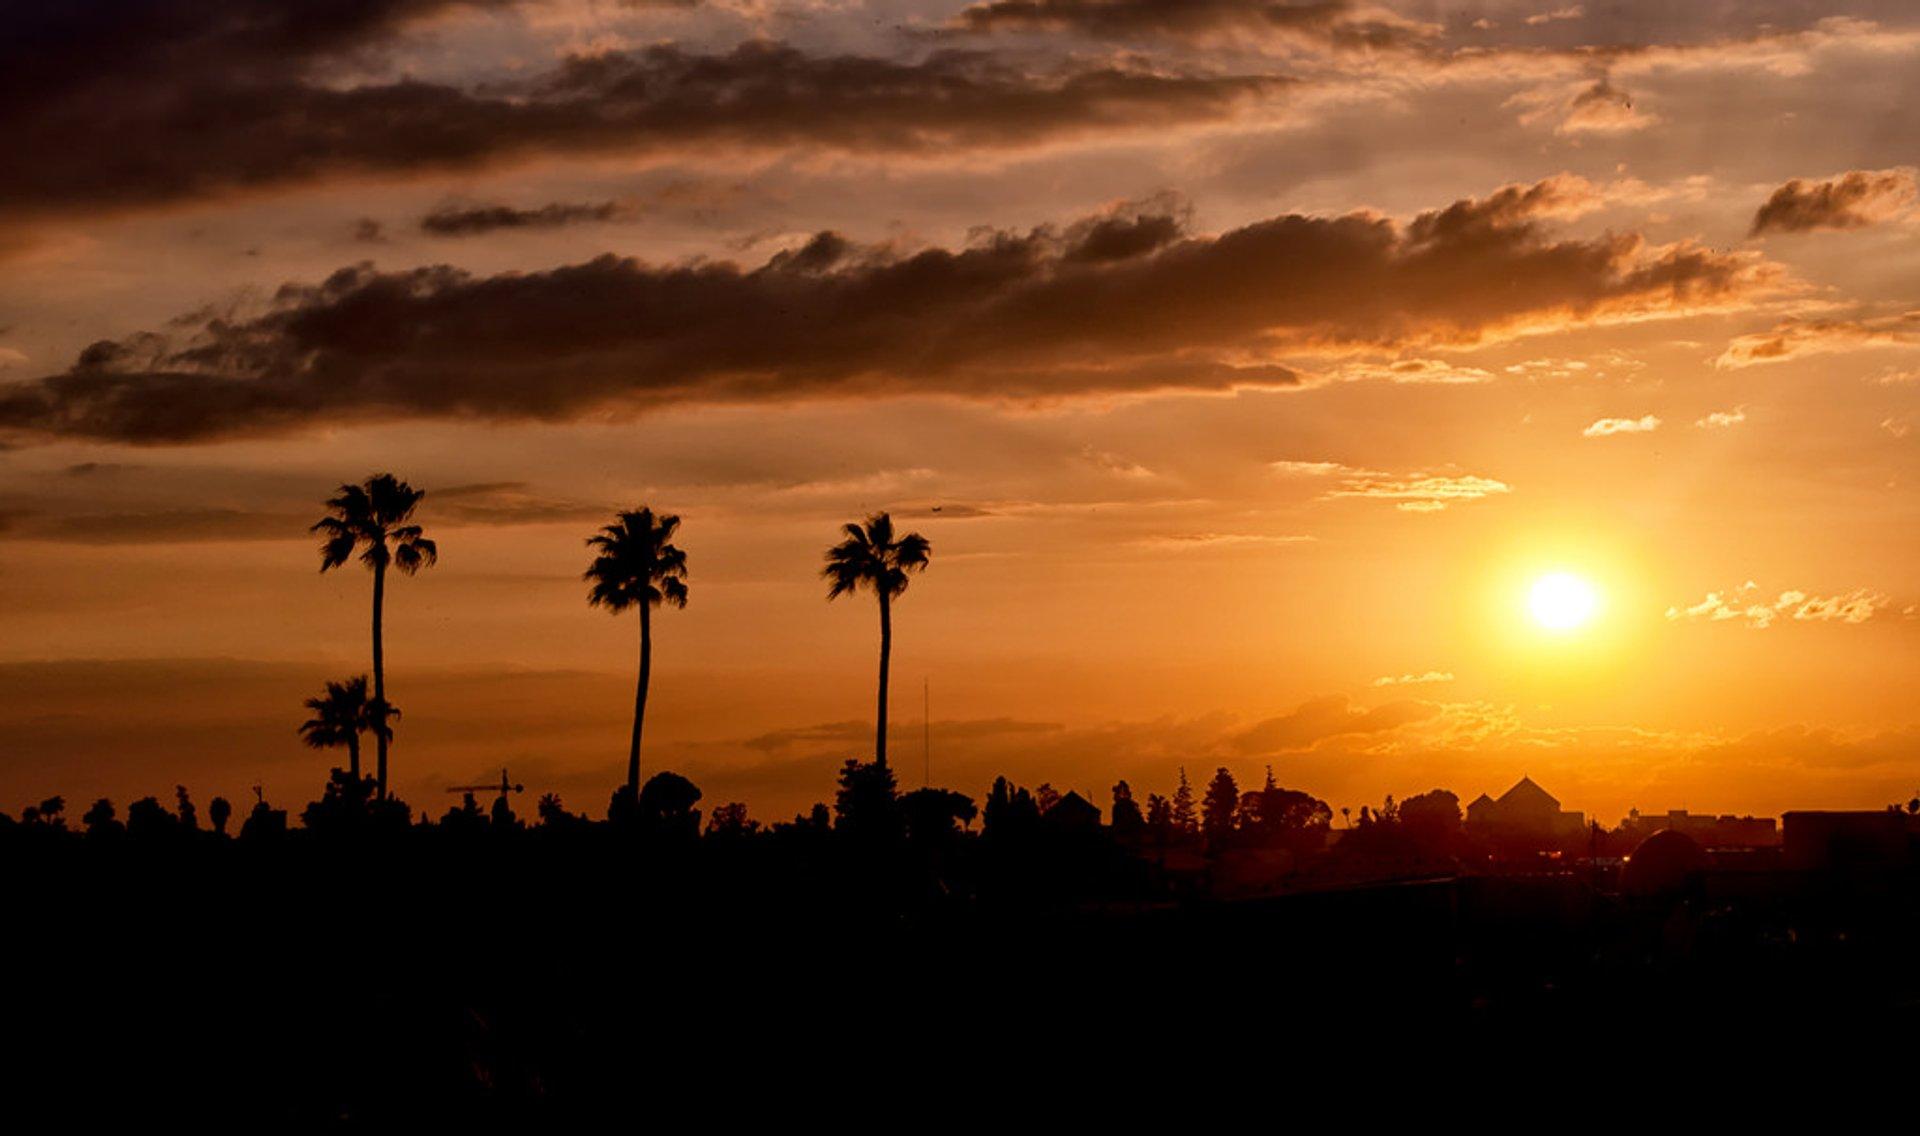 Marrakech sunset 2020